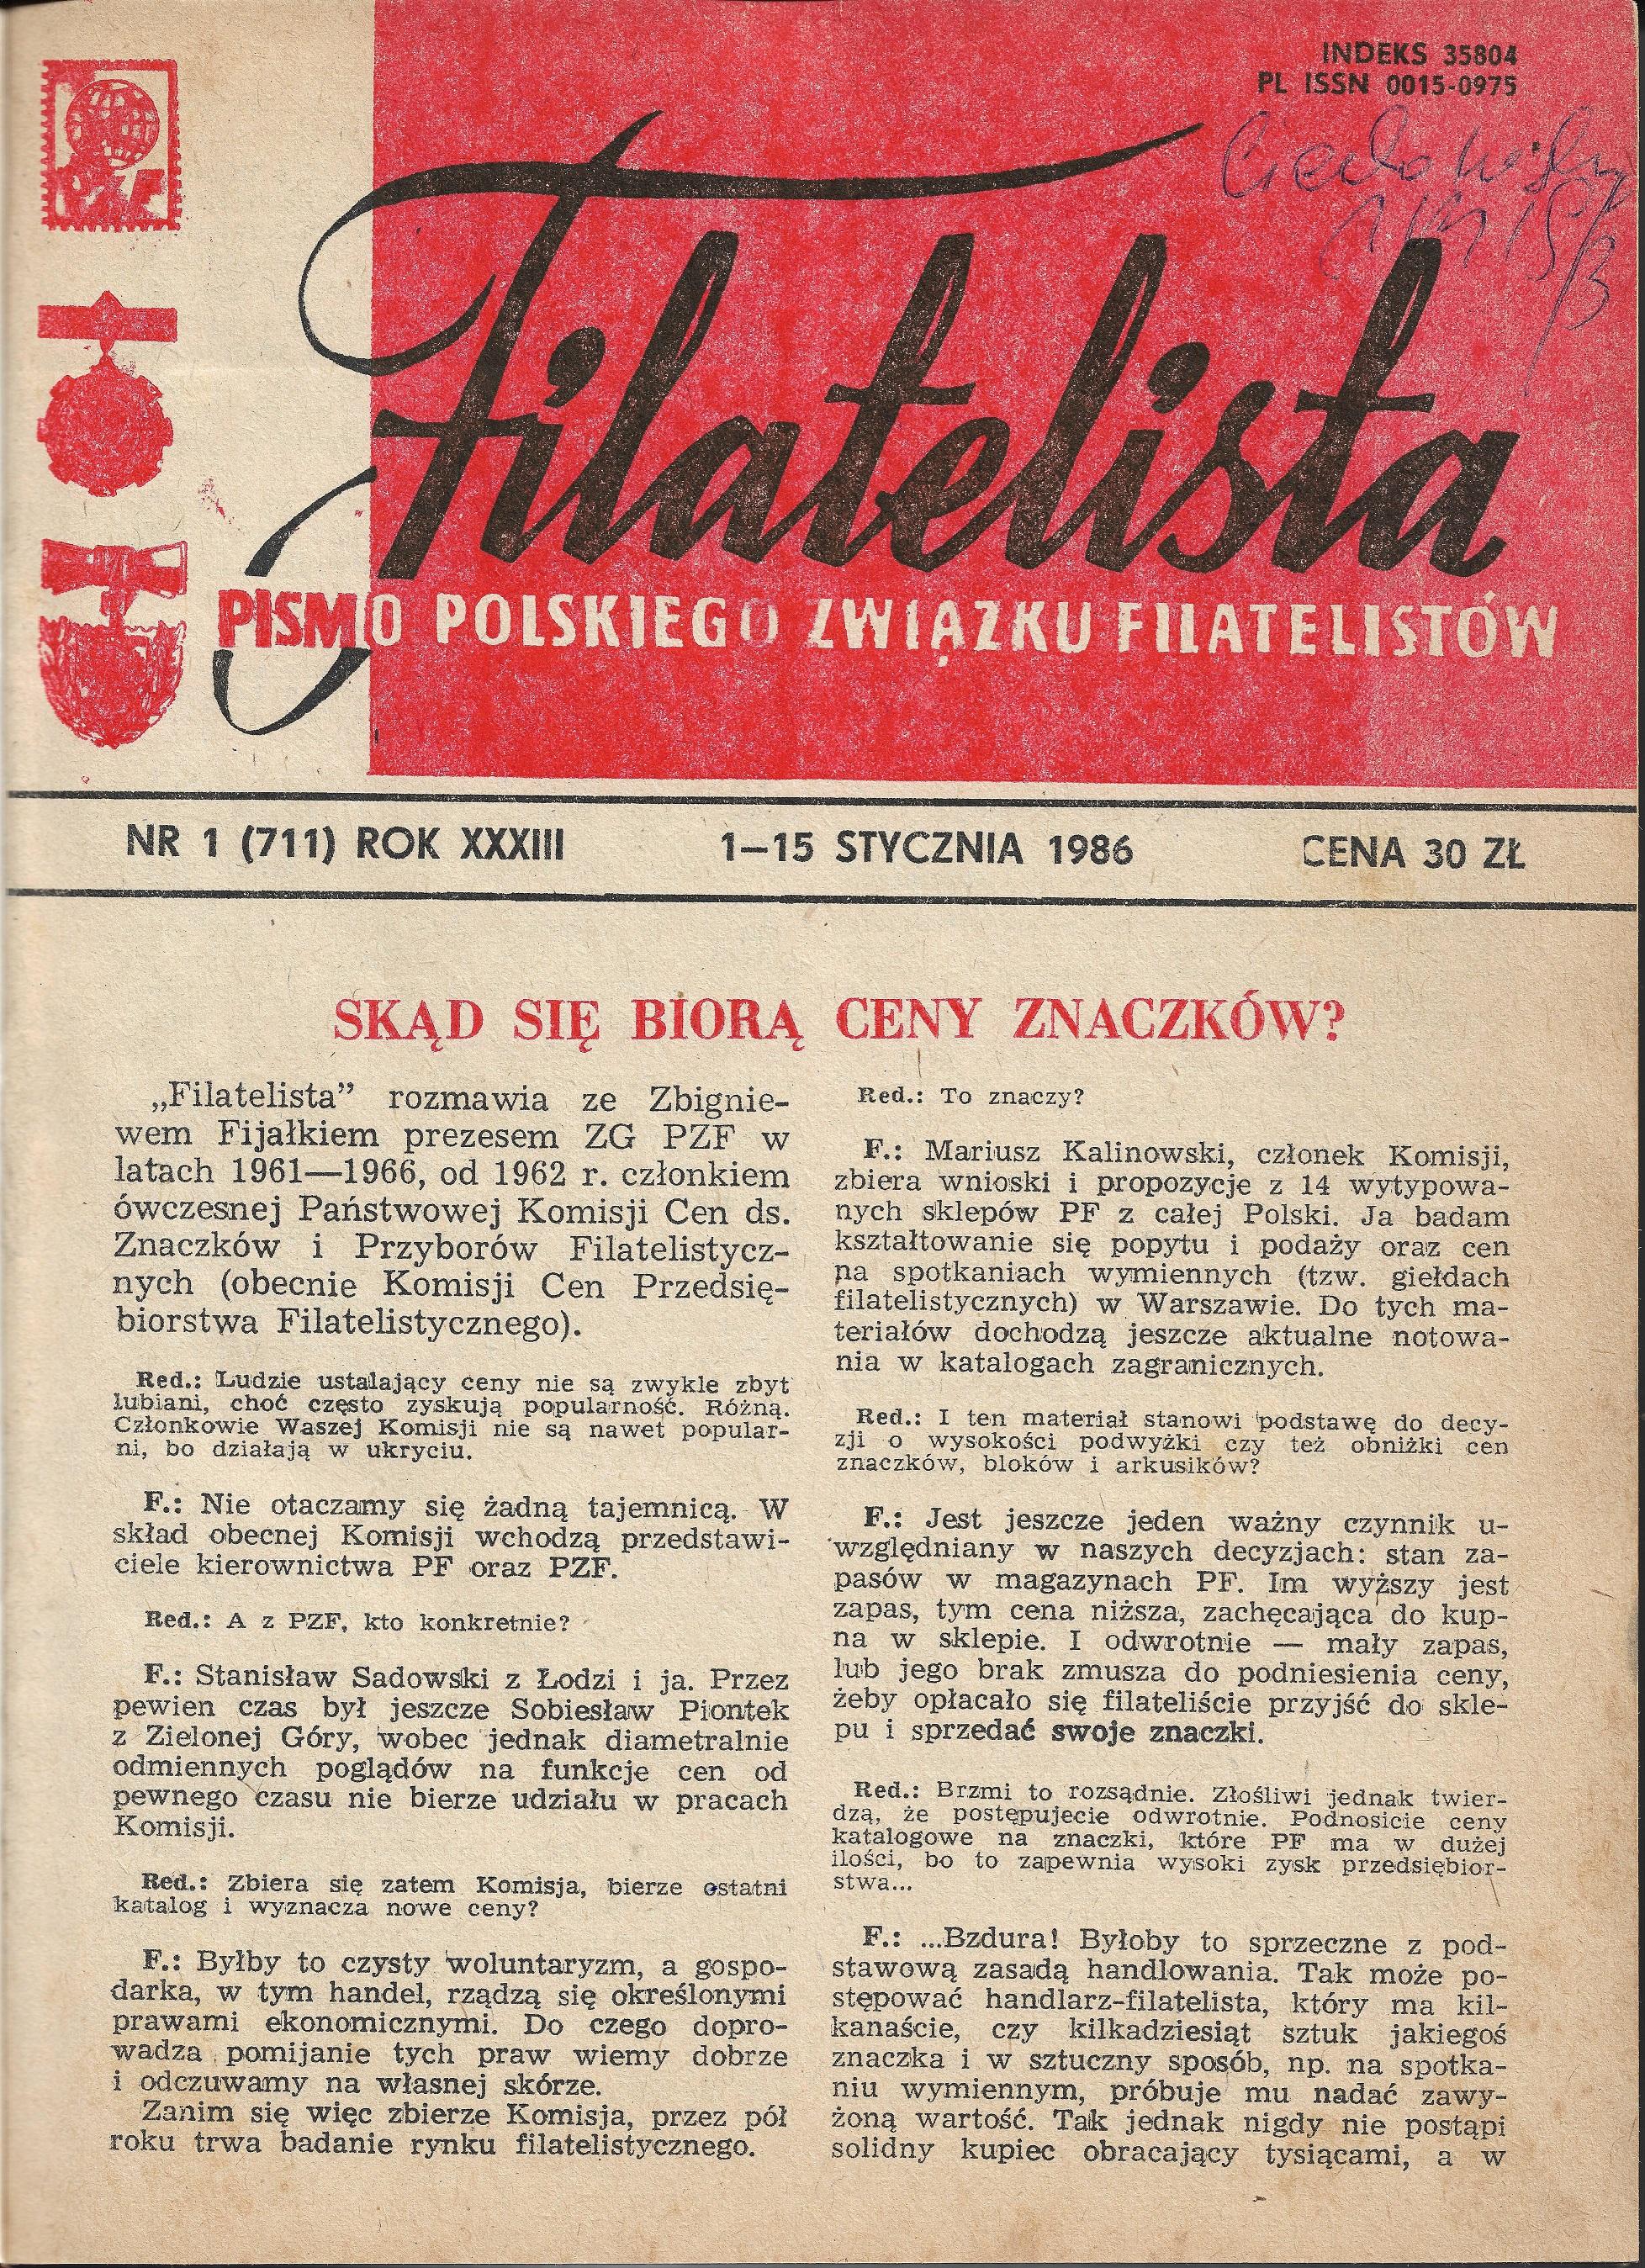 Filatelista 1-15 stycznia 1986 Nr 1 (711)